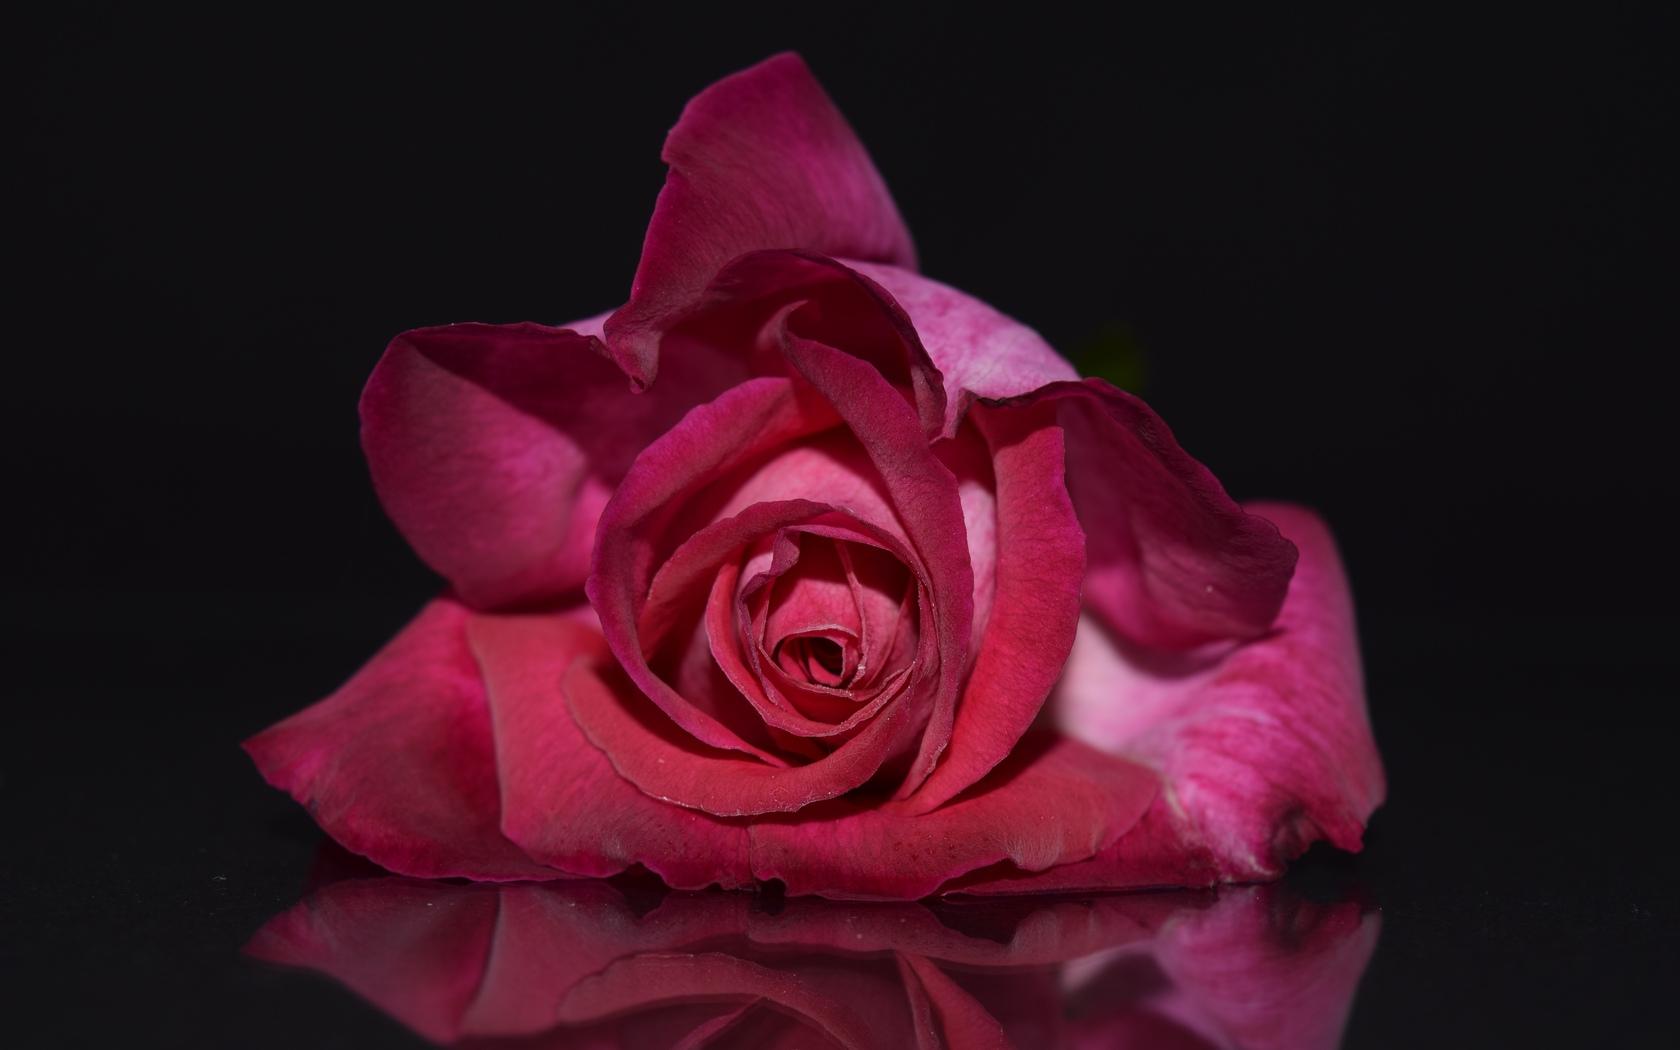 роза, бутон, лепестки, аромат, отражение, романтика, фон